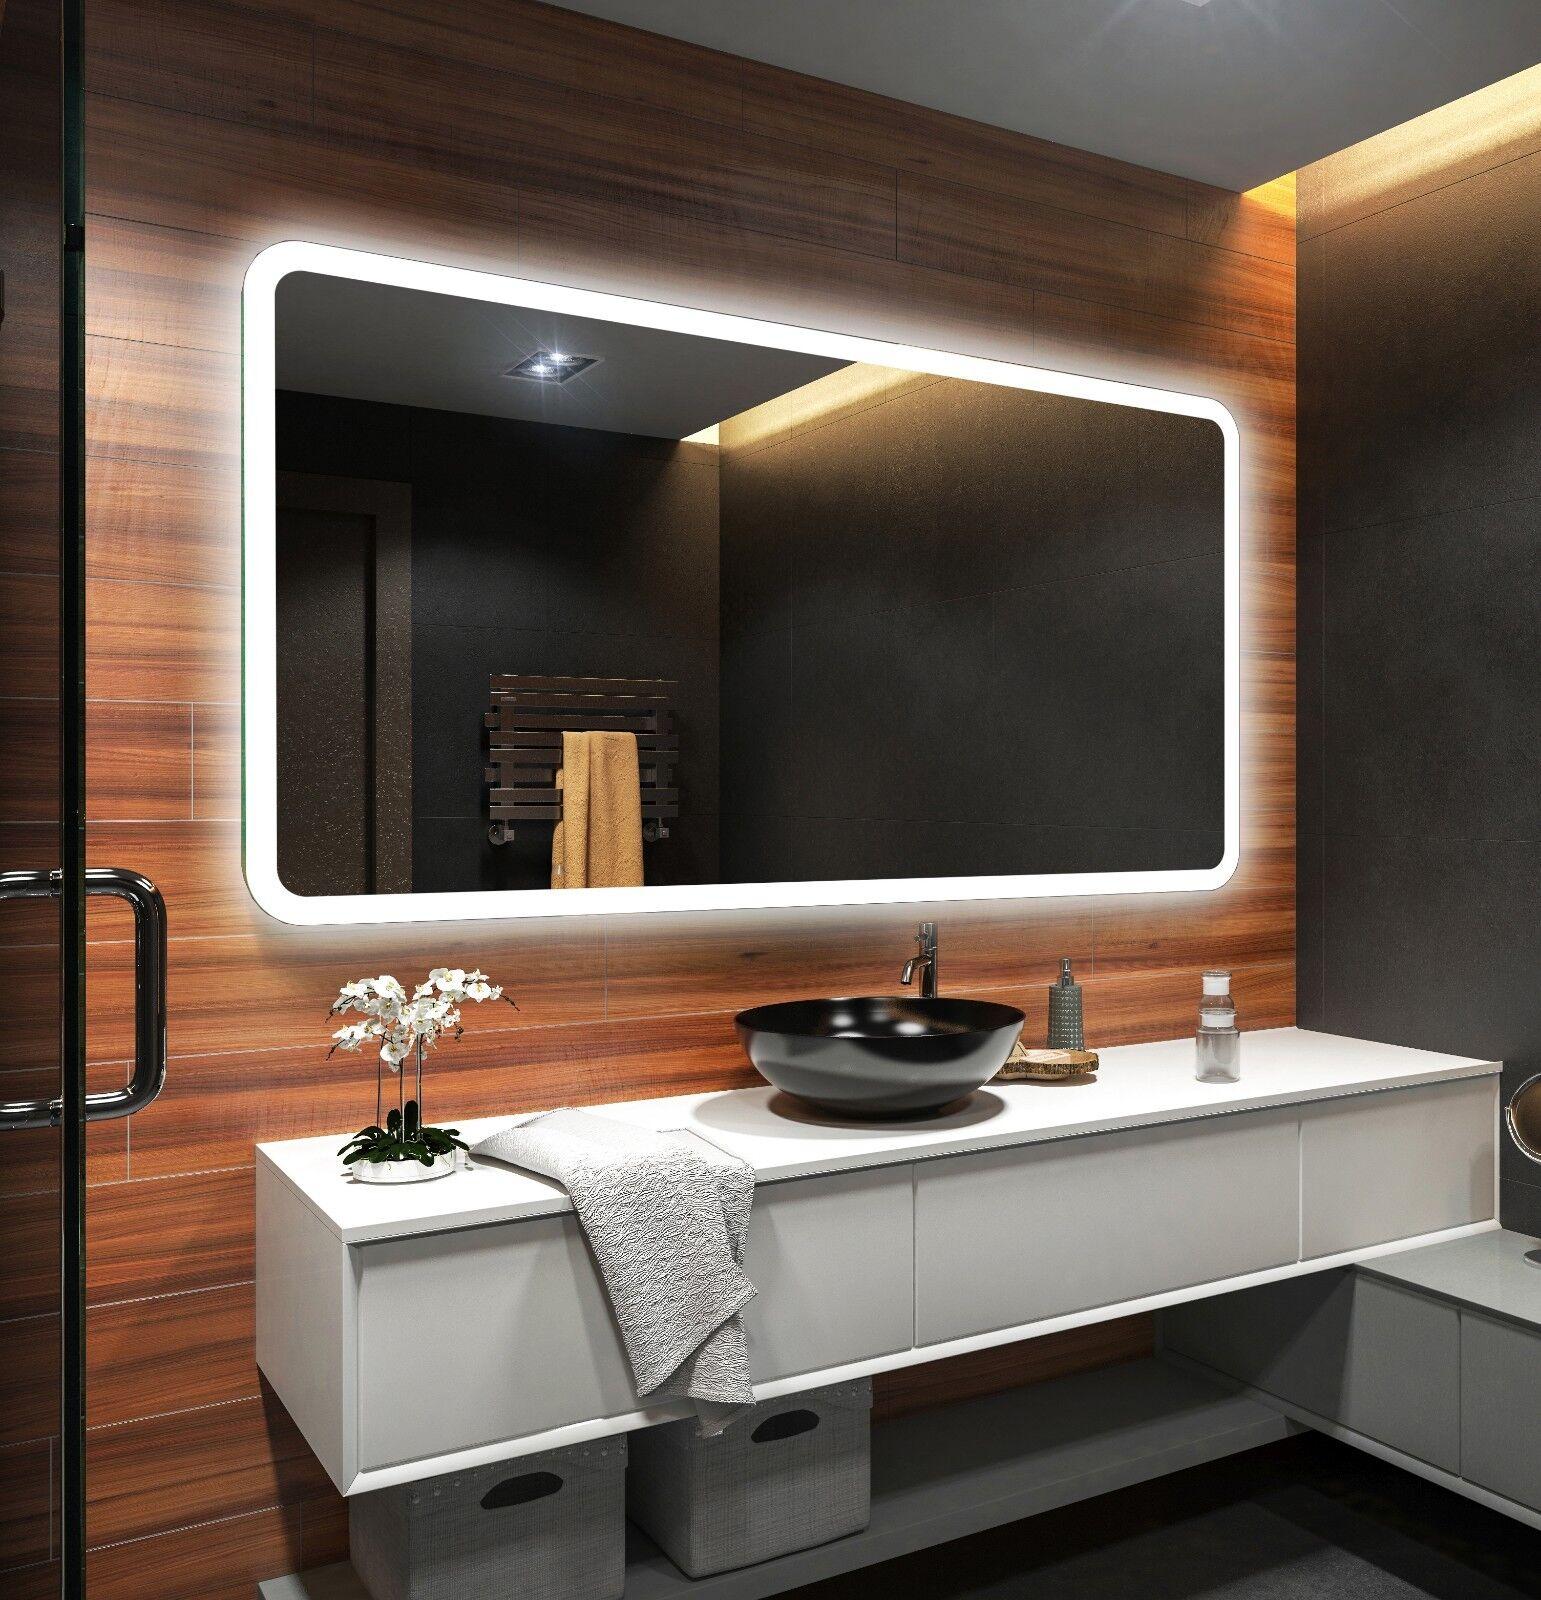 Espejo de baño moderno e iluminado, fabricado a medida con marco luminoso LED 59